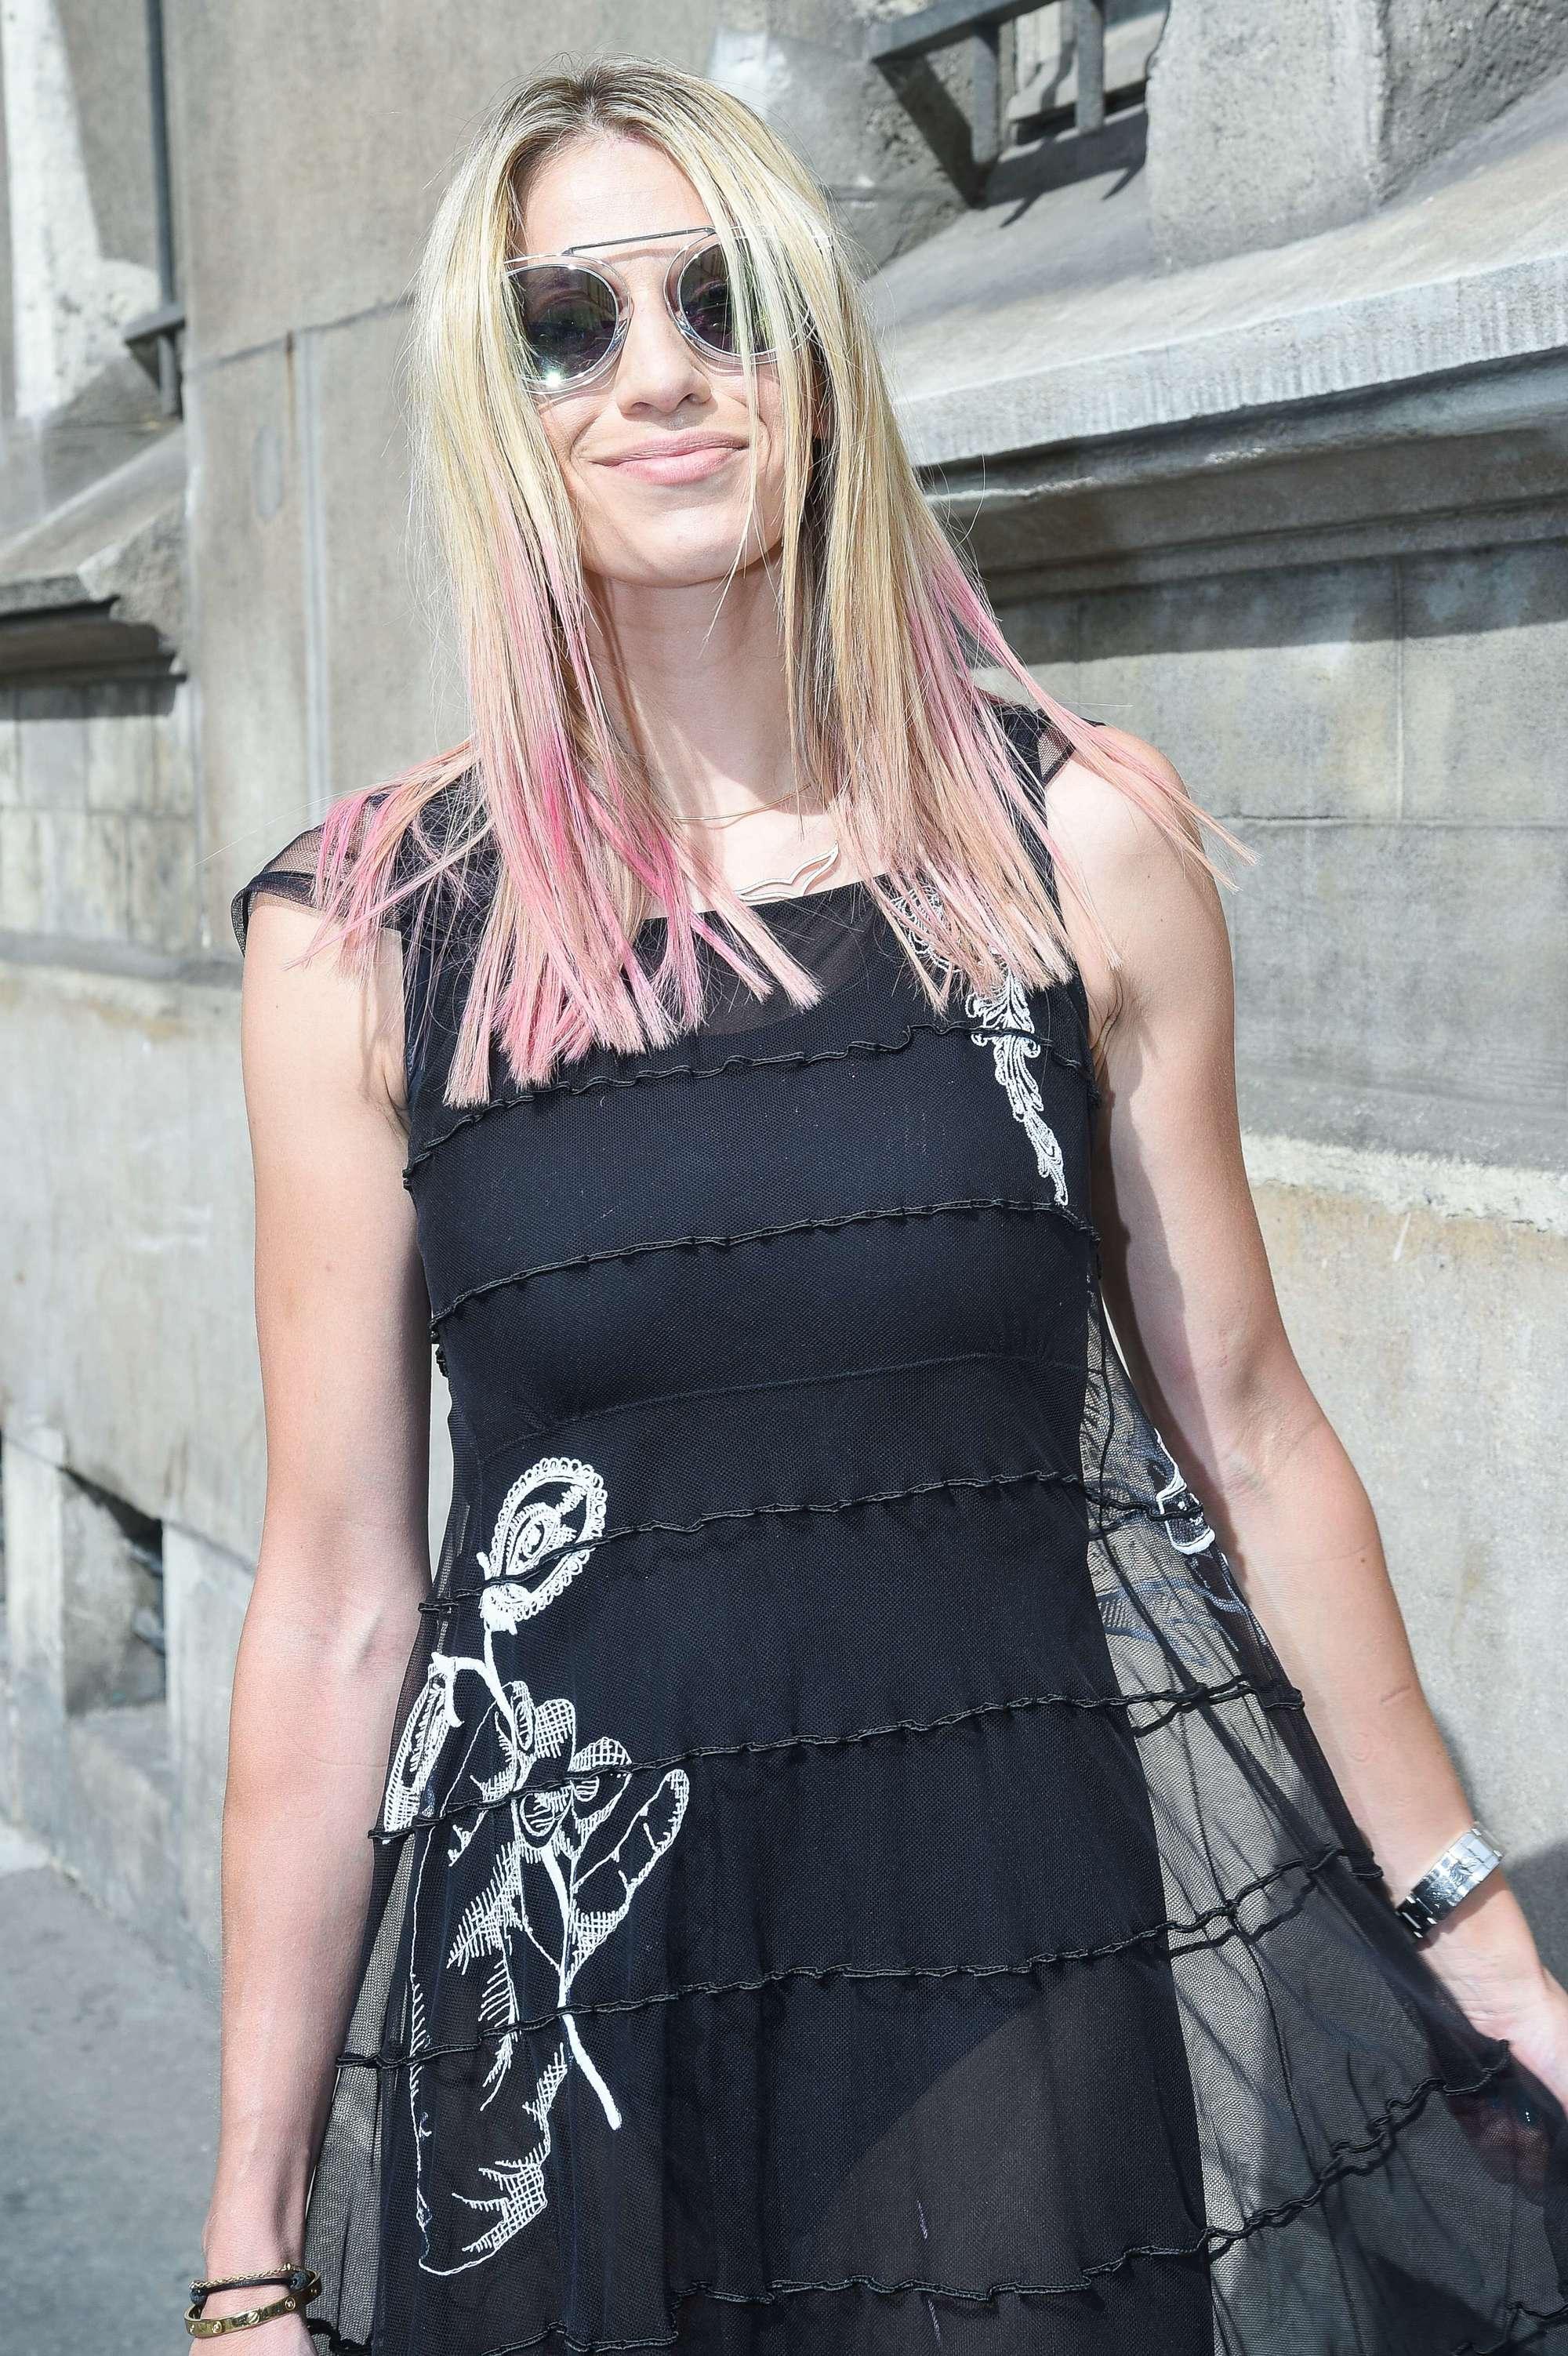 Mujer con melena rubia y raices oscuras, lleva el cabello lacio natural con las puntas rosas y raya al medio.